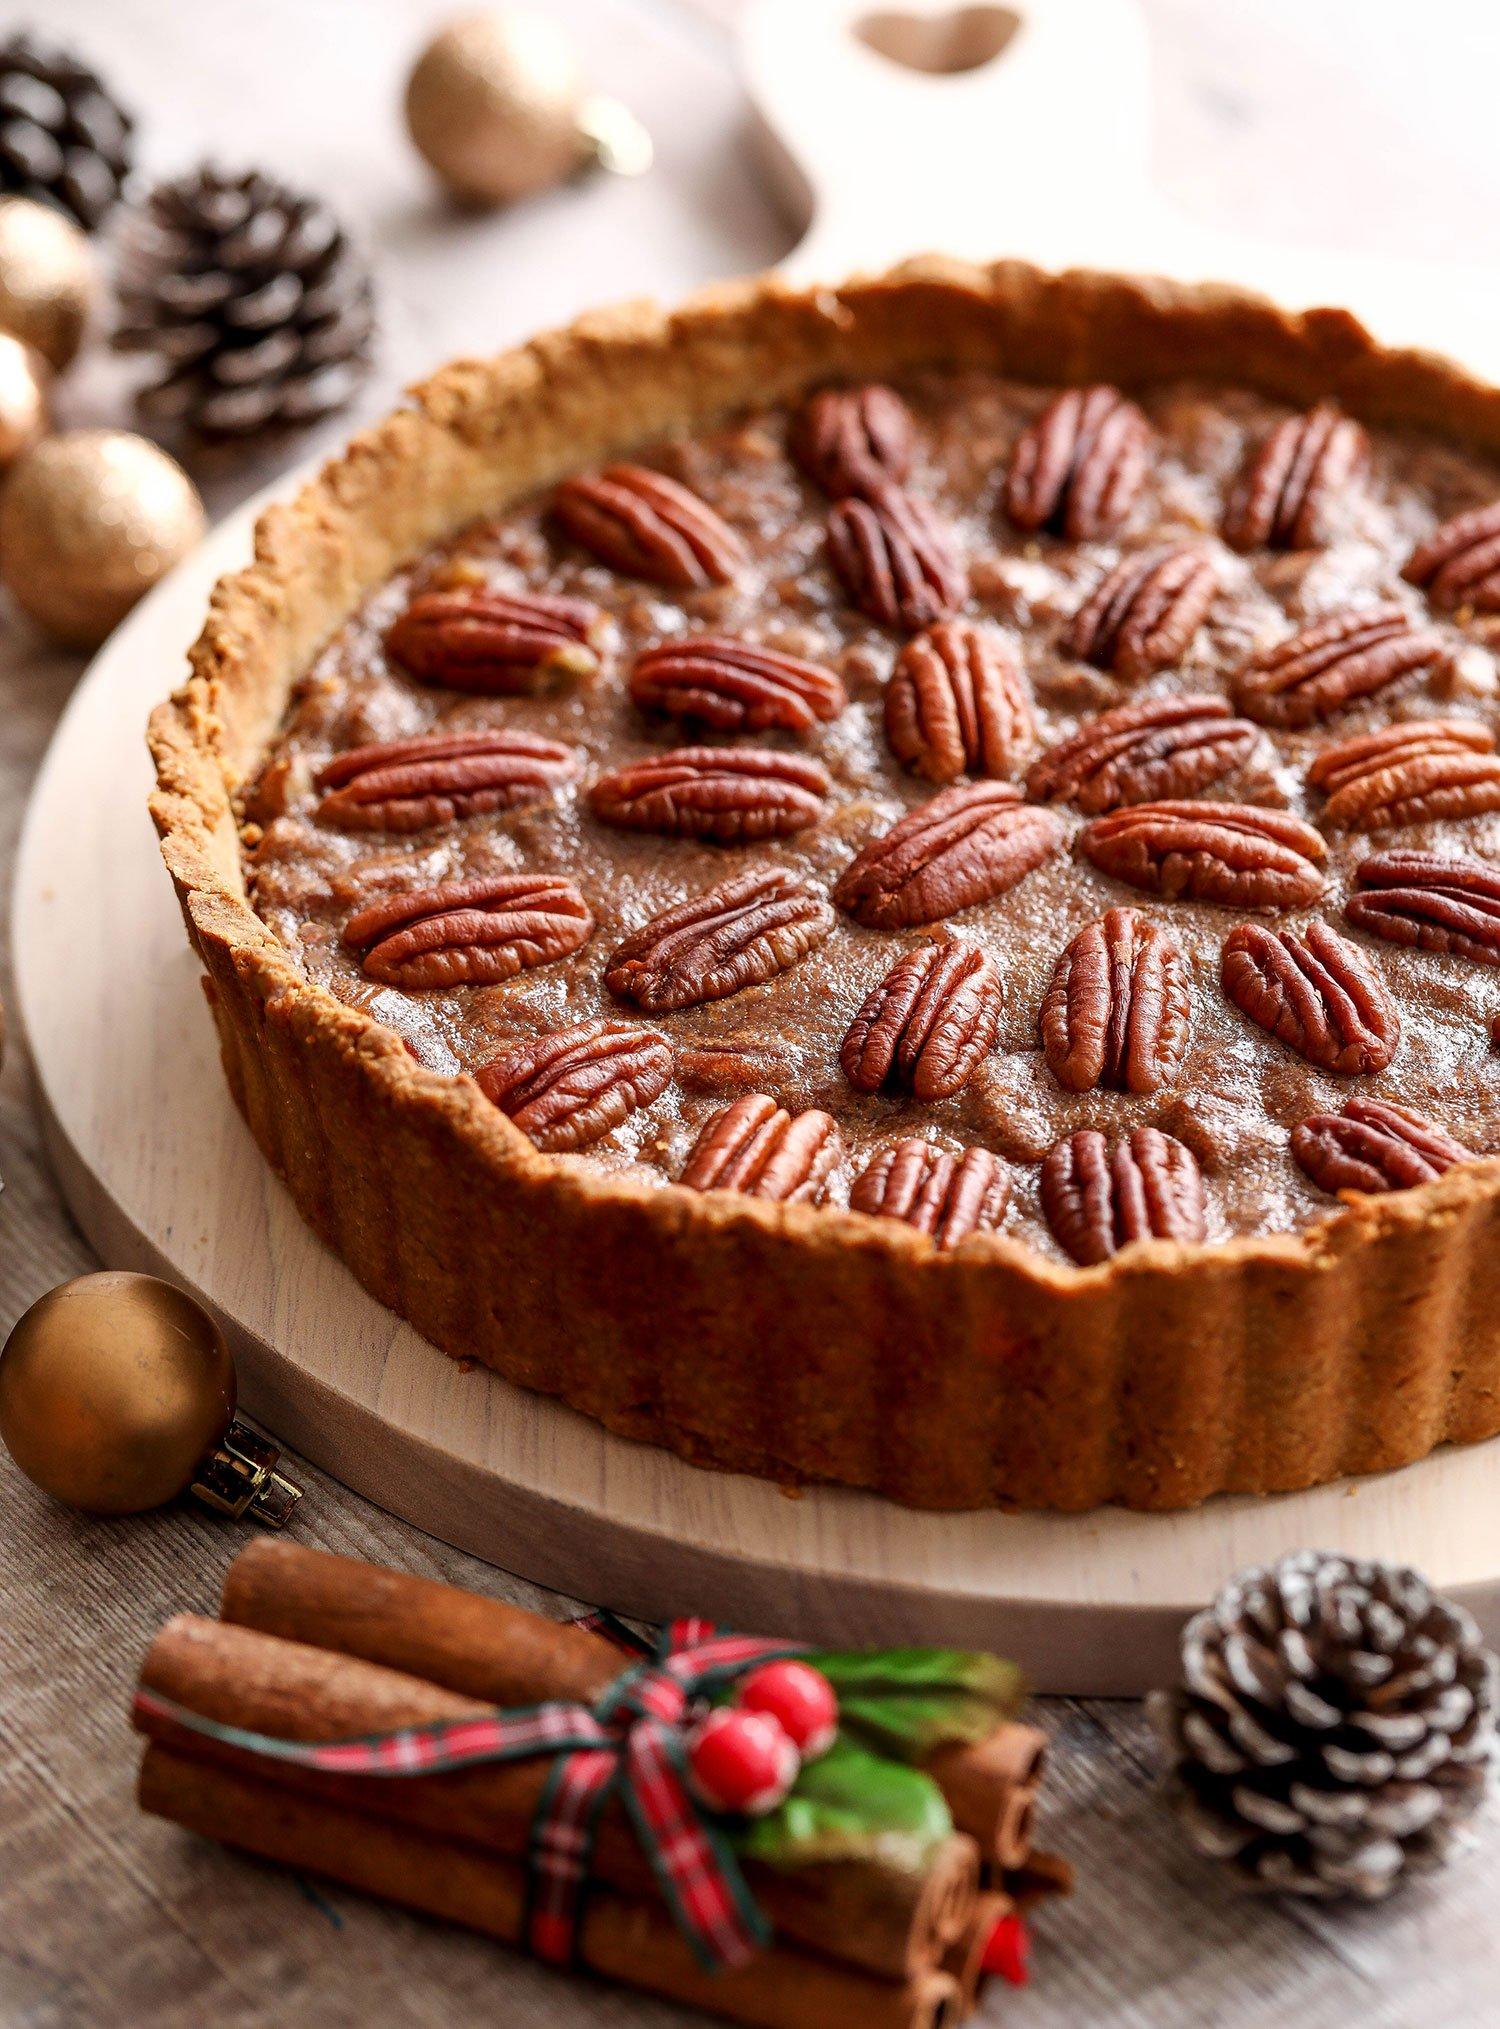 Vegan Gluten-free Spiced Pecan Pie